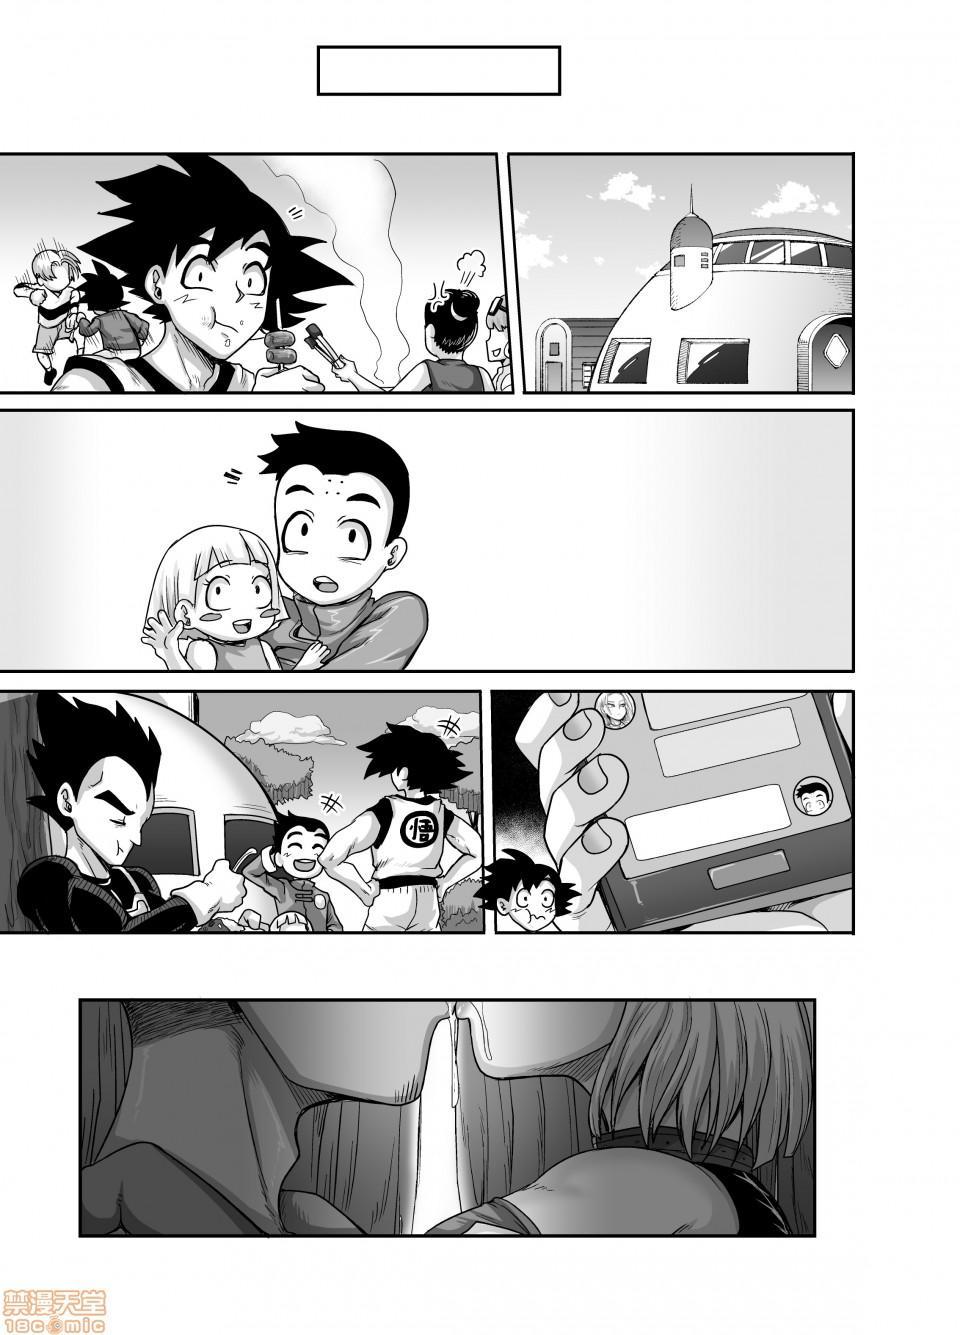 性欲に勝てないオンナ(人造人間)+ フルカラー4ページ漫画(ラフタリア&ツナデ) 67